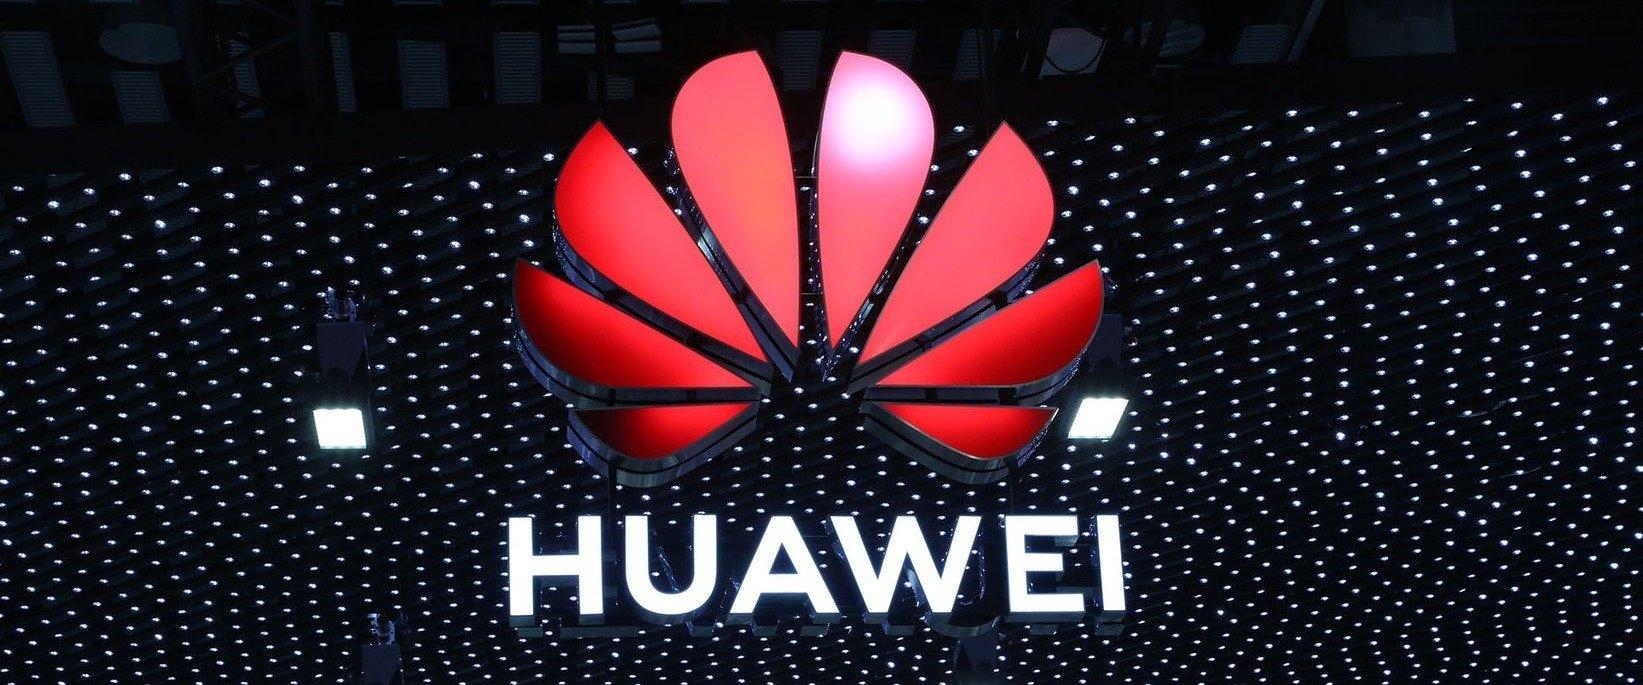 Huawei: innowacyjność to fundament cyfrowego rozwoju